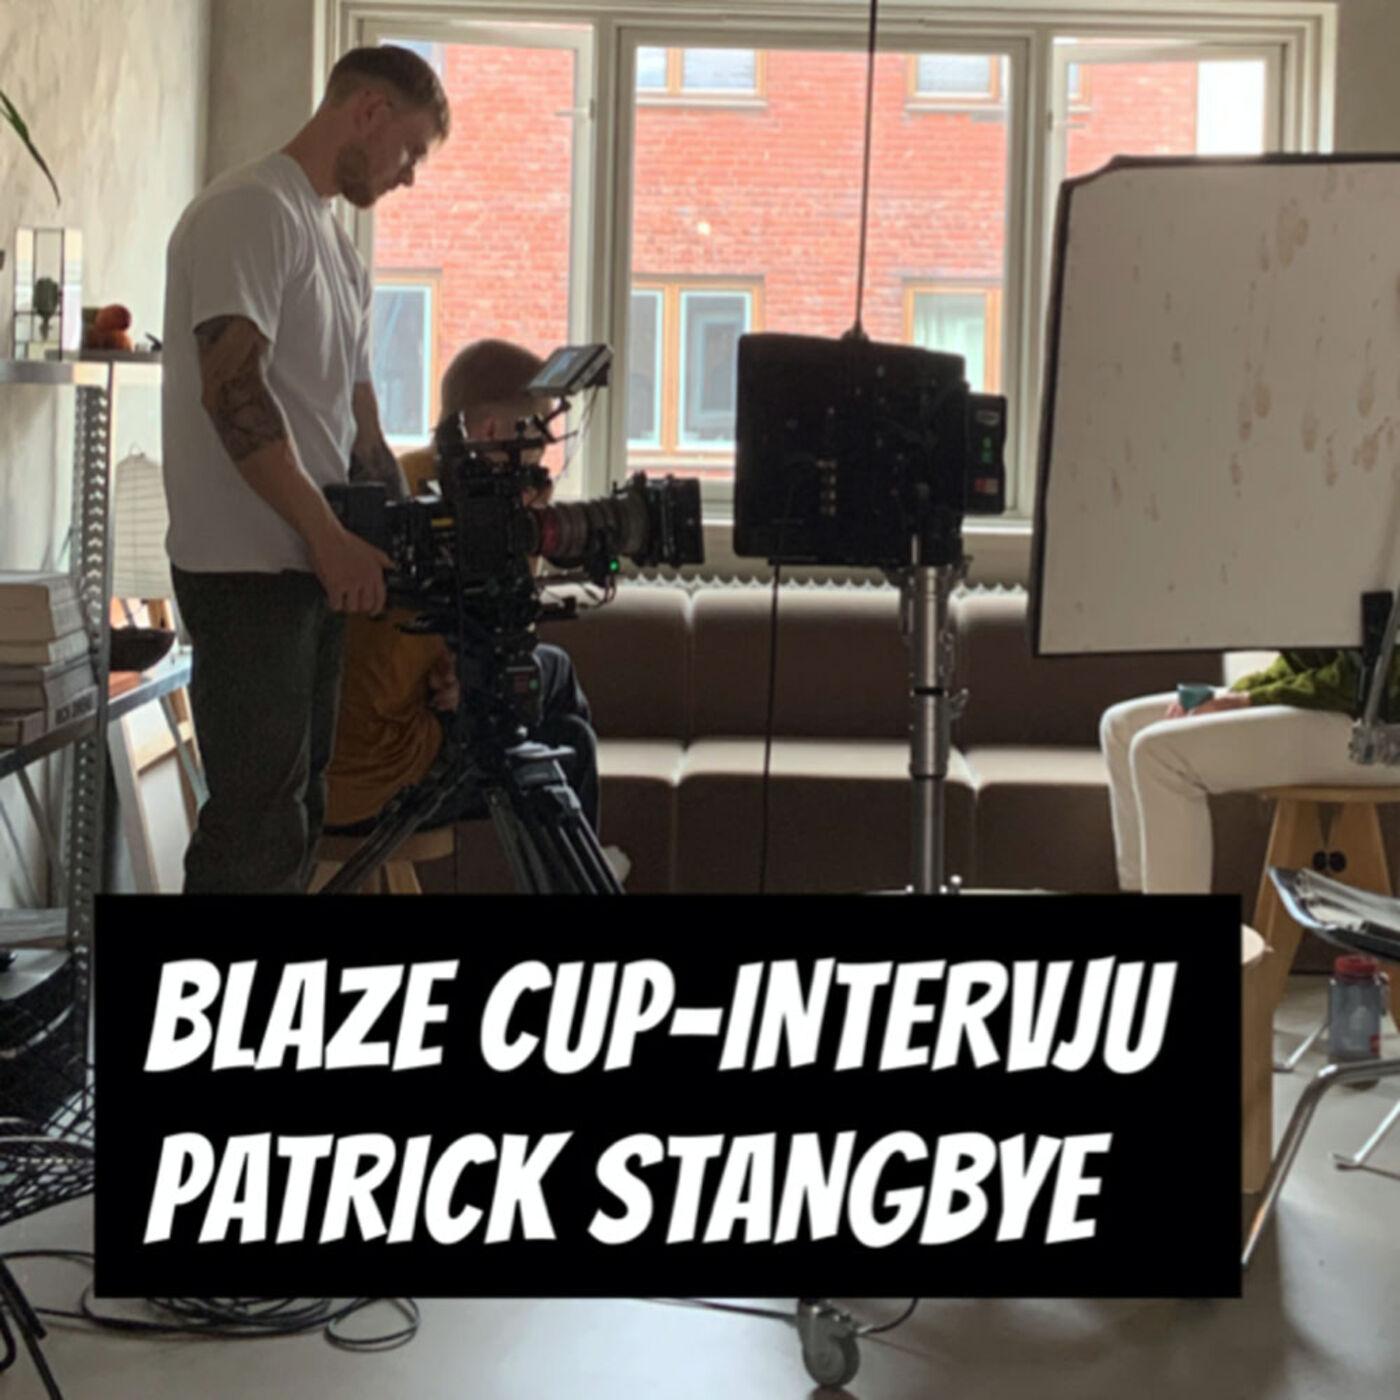 #107 - Patrick Stangbye | Lillo Blaze Cup 2020 dokumentarfilm-intervju